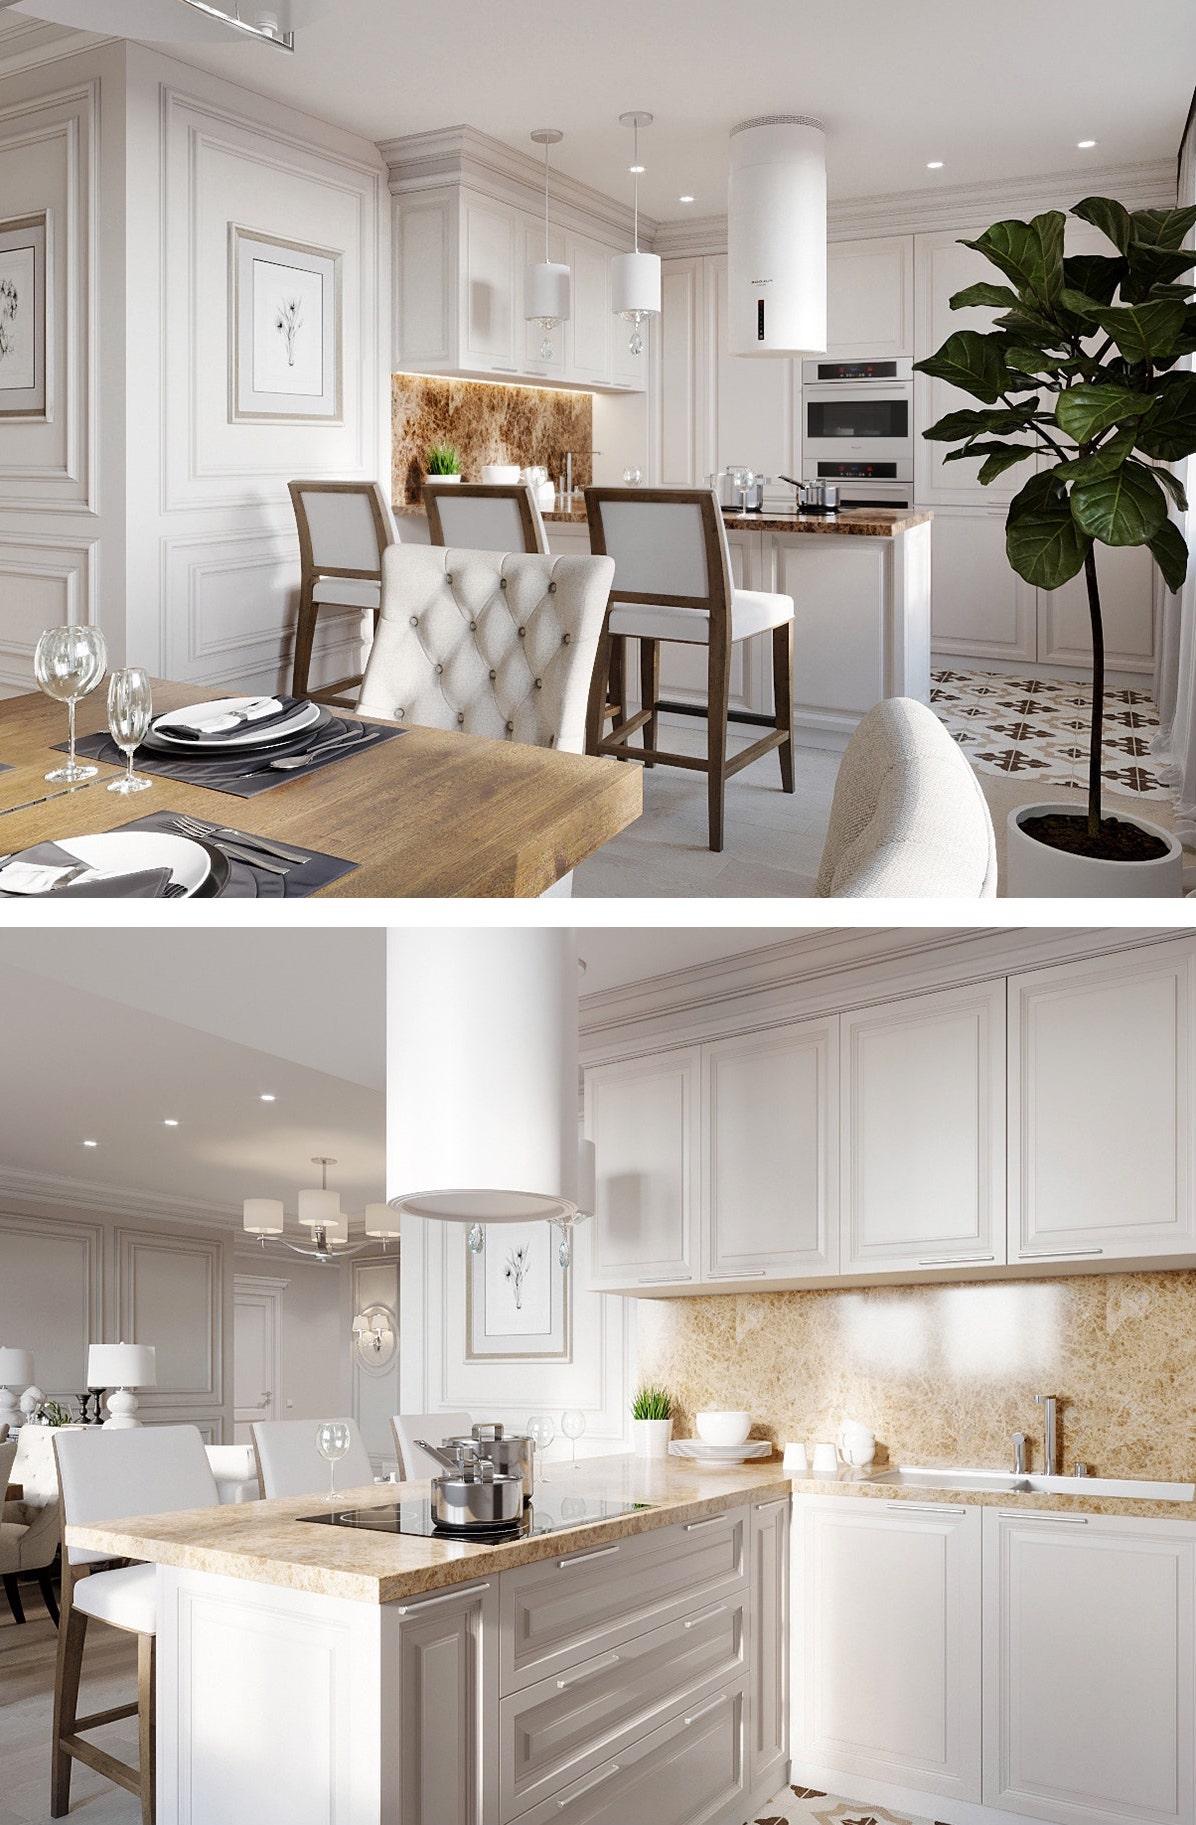 Белая кухня в классическом стиле с красивым фартуком и столешницей по дерево